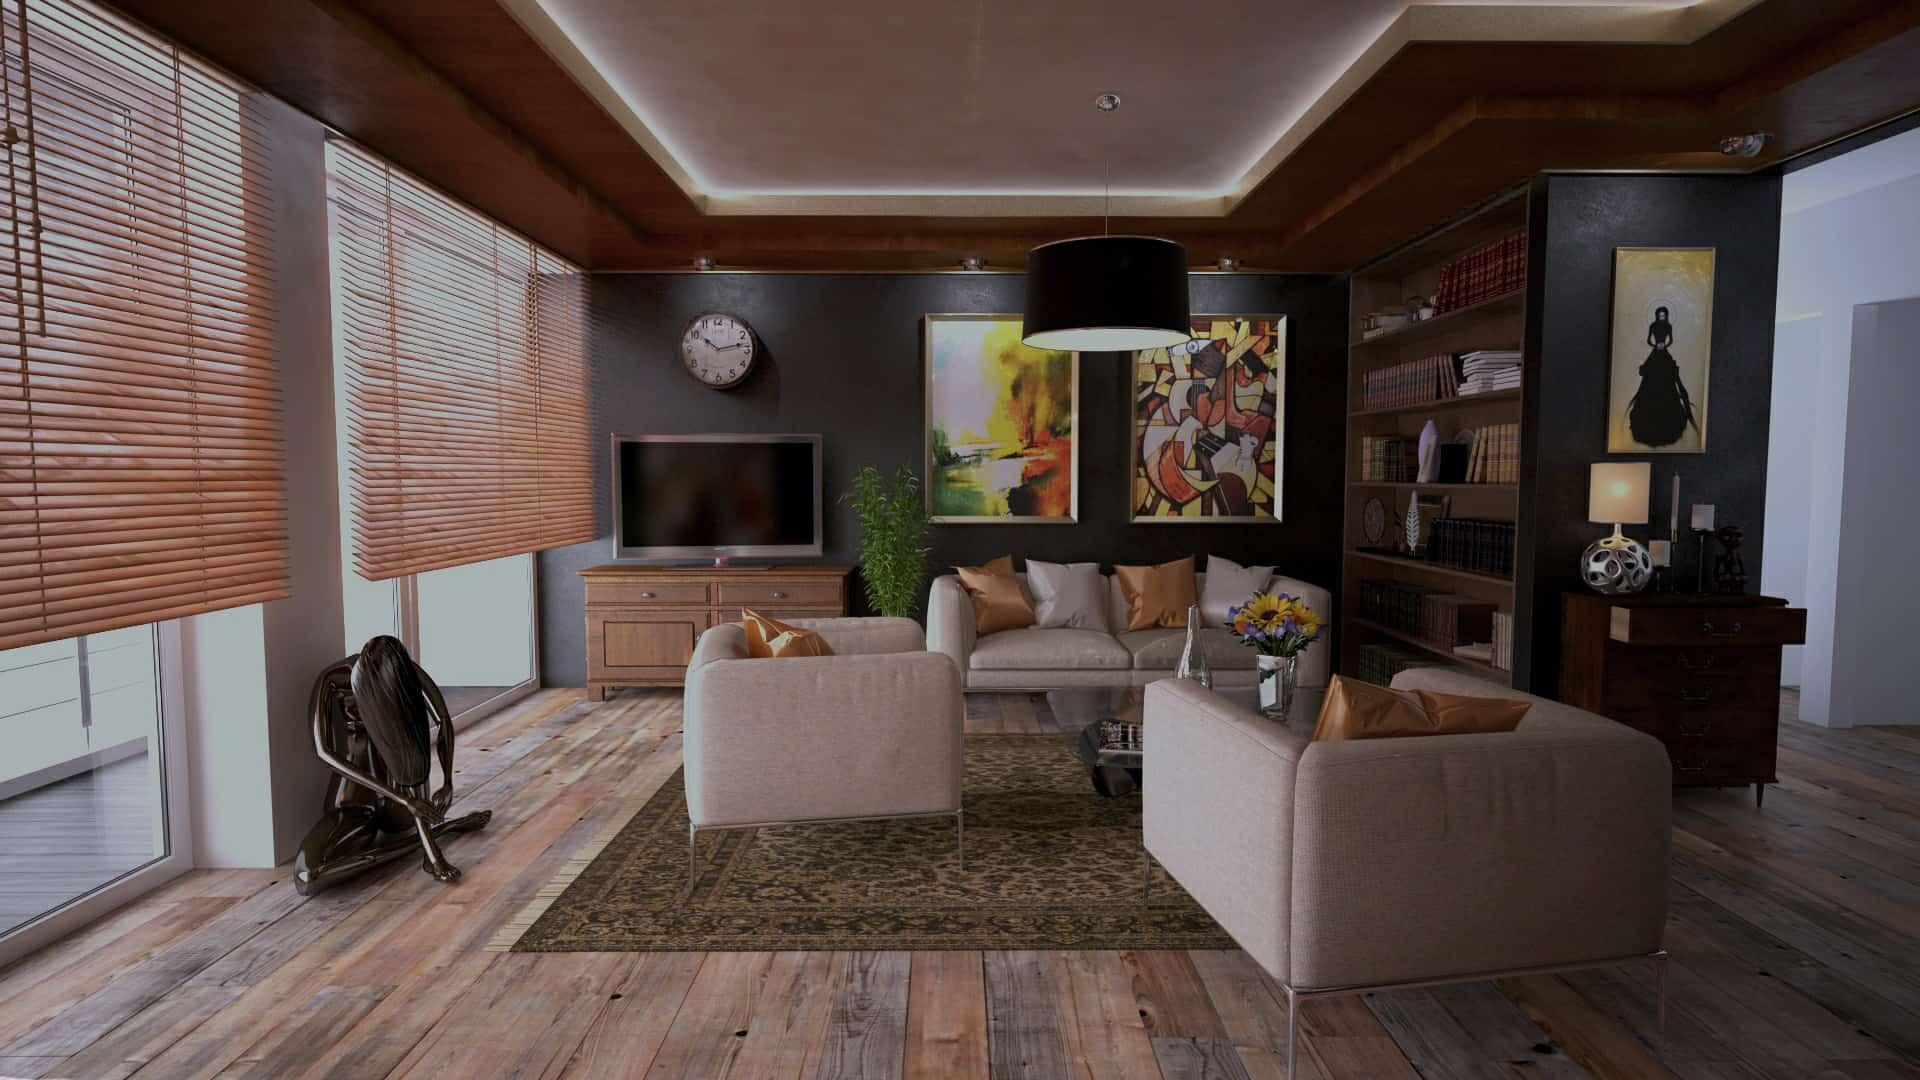 Homedesign Com Sg Your Home Design Home Decor Interior Design Specialist